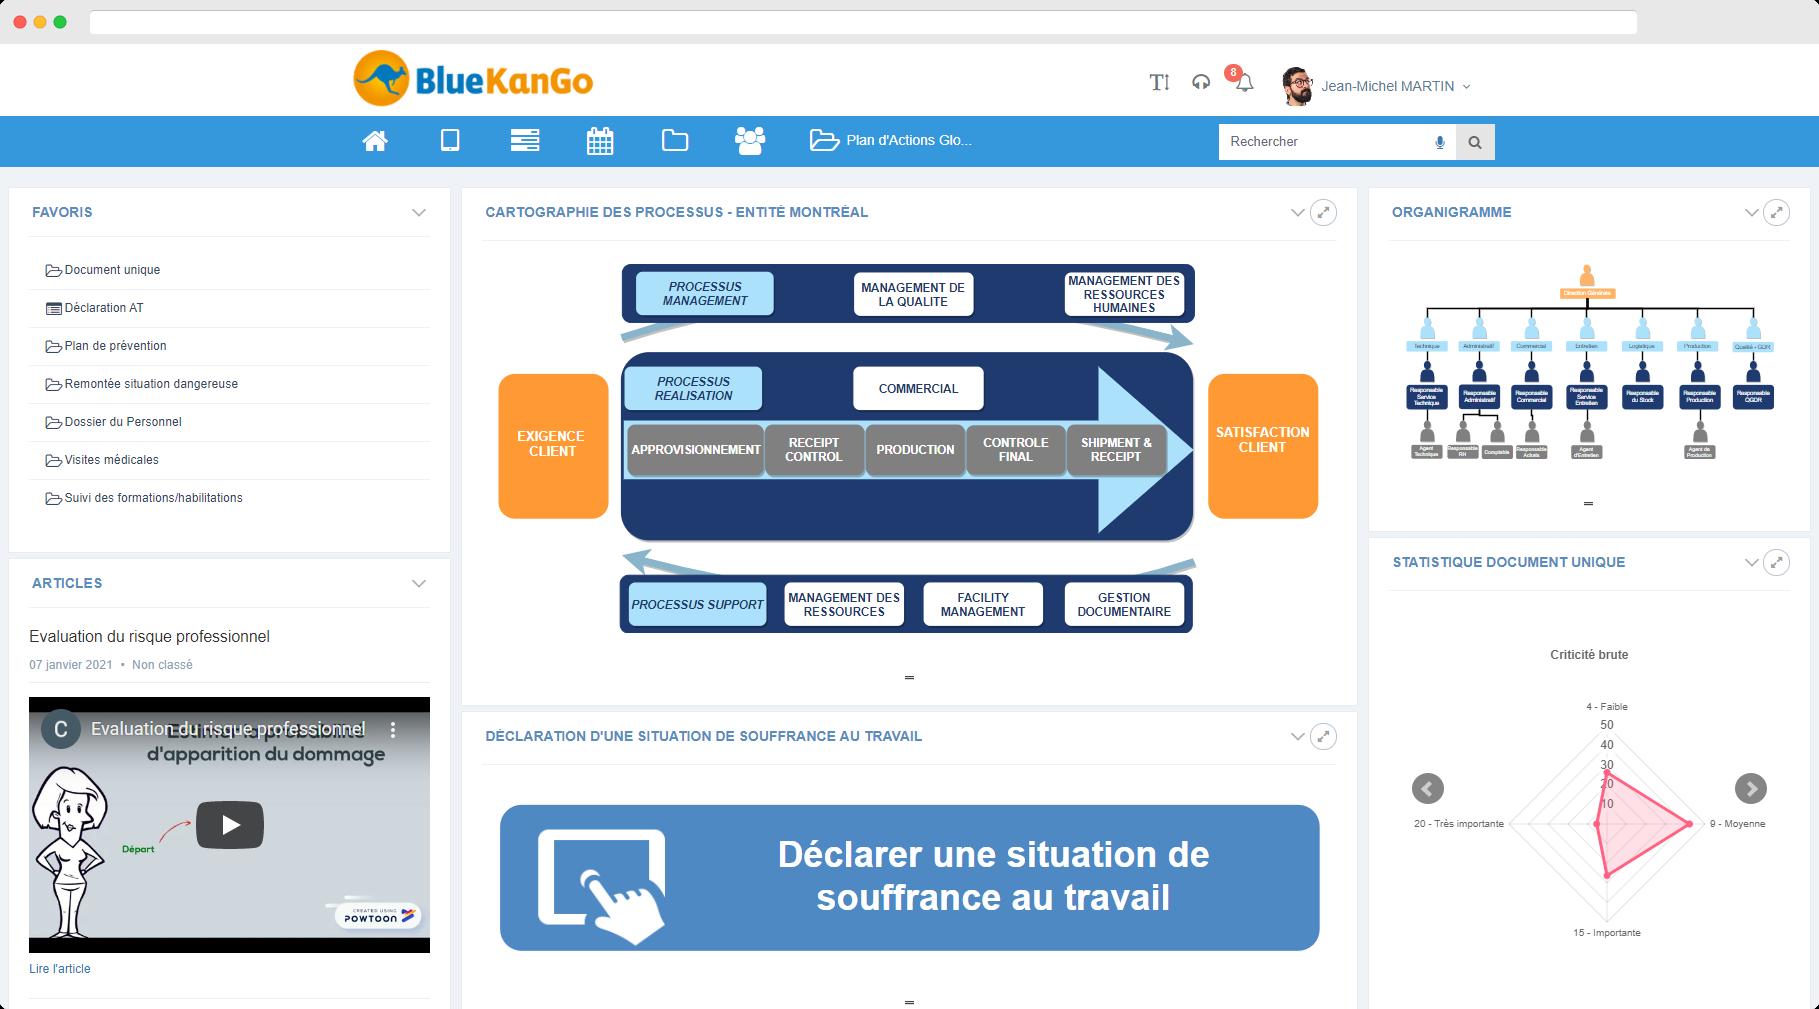 Capture d'écran Tableau de bord de l'offre Gestion des risquesprofessionels de la plateforme BlueKanGo